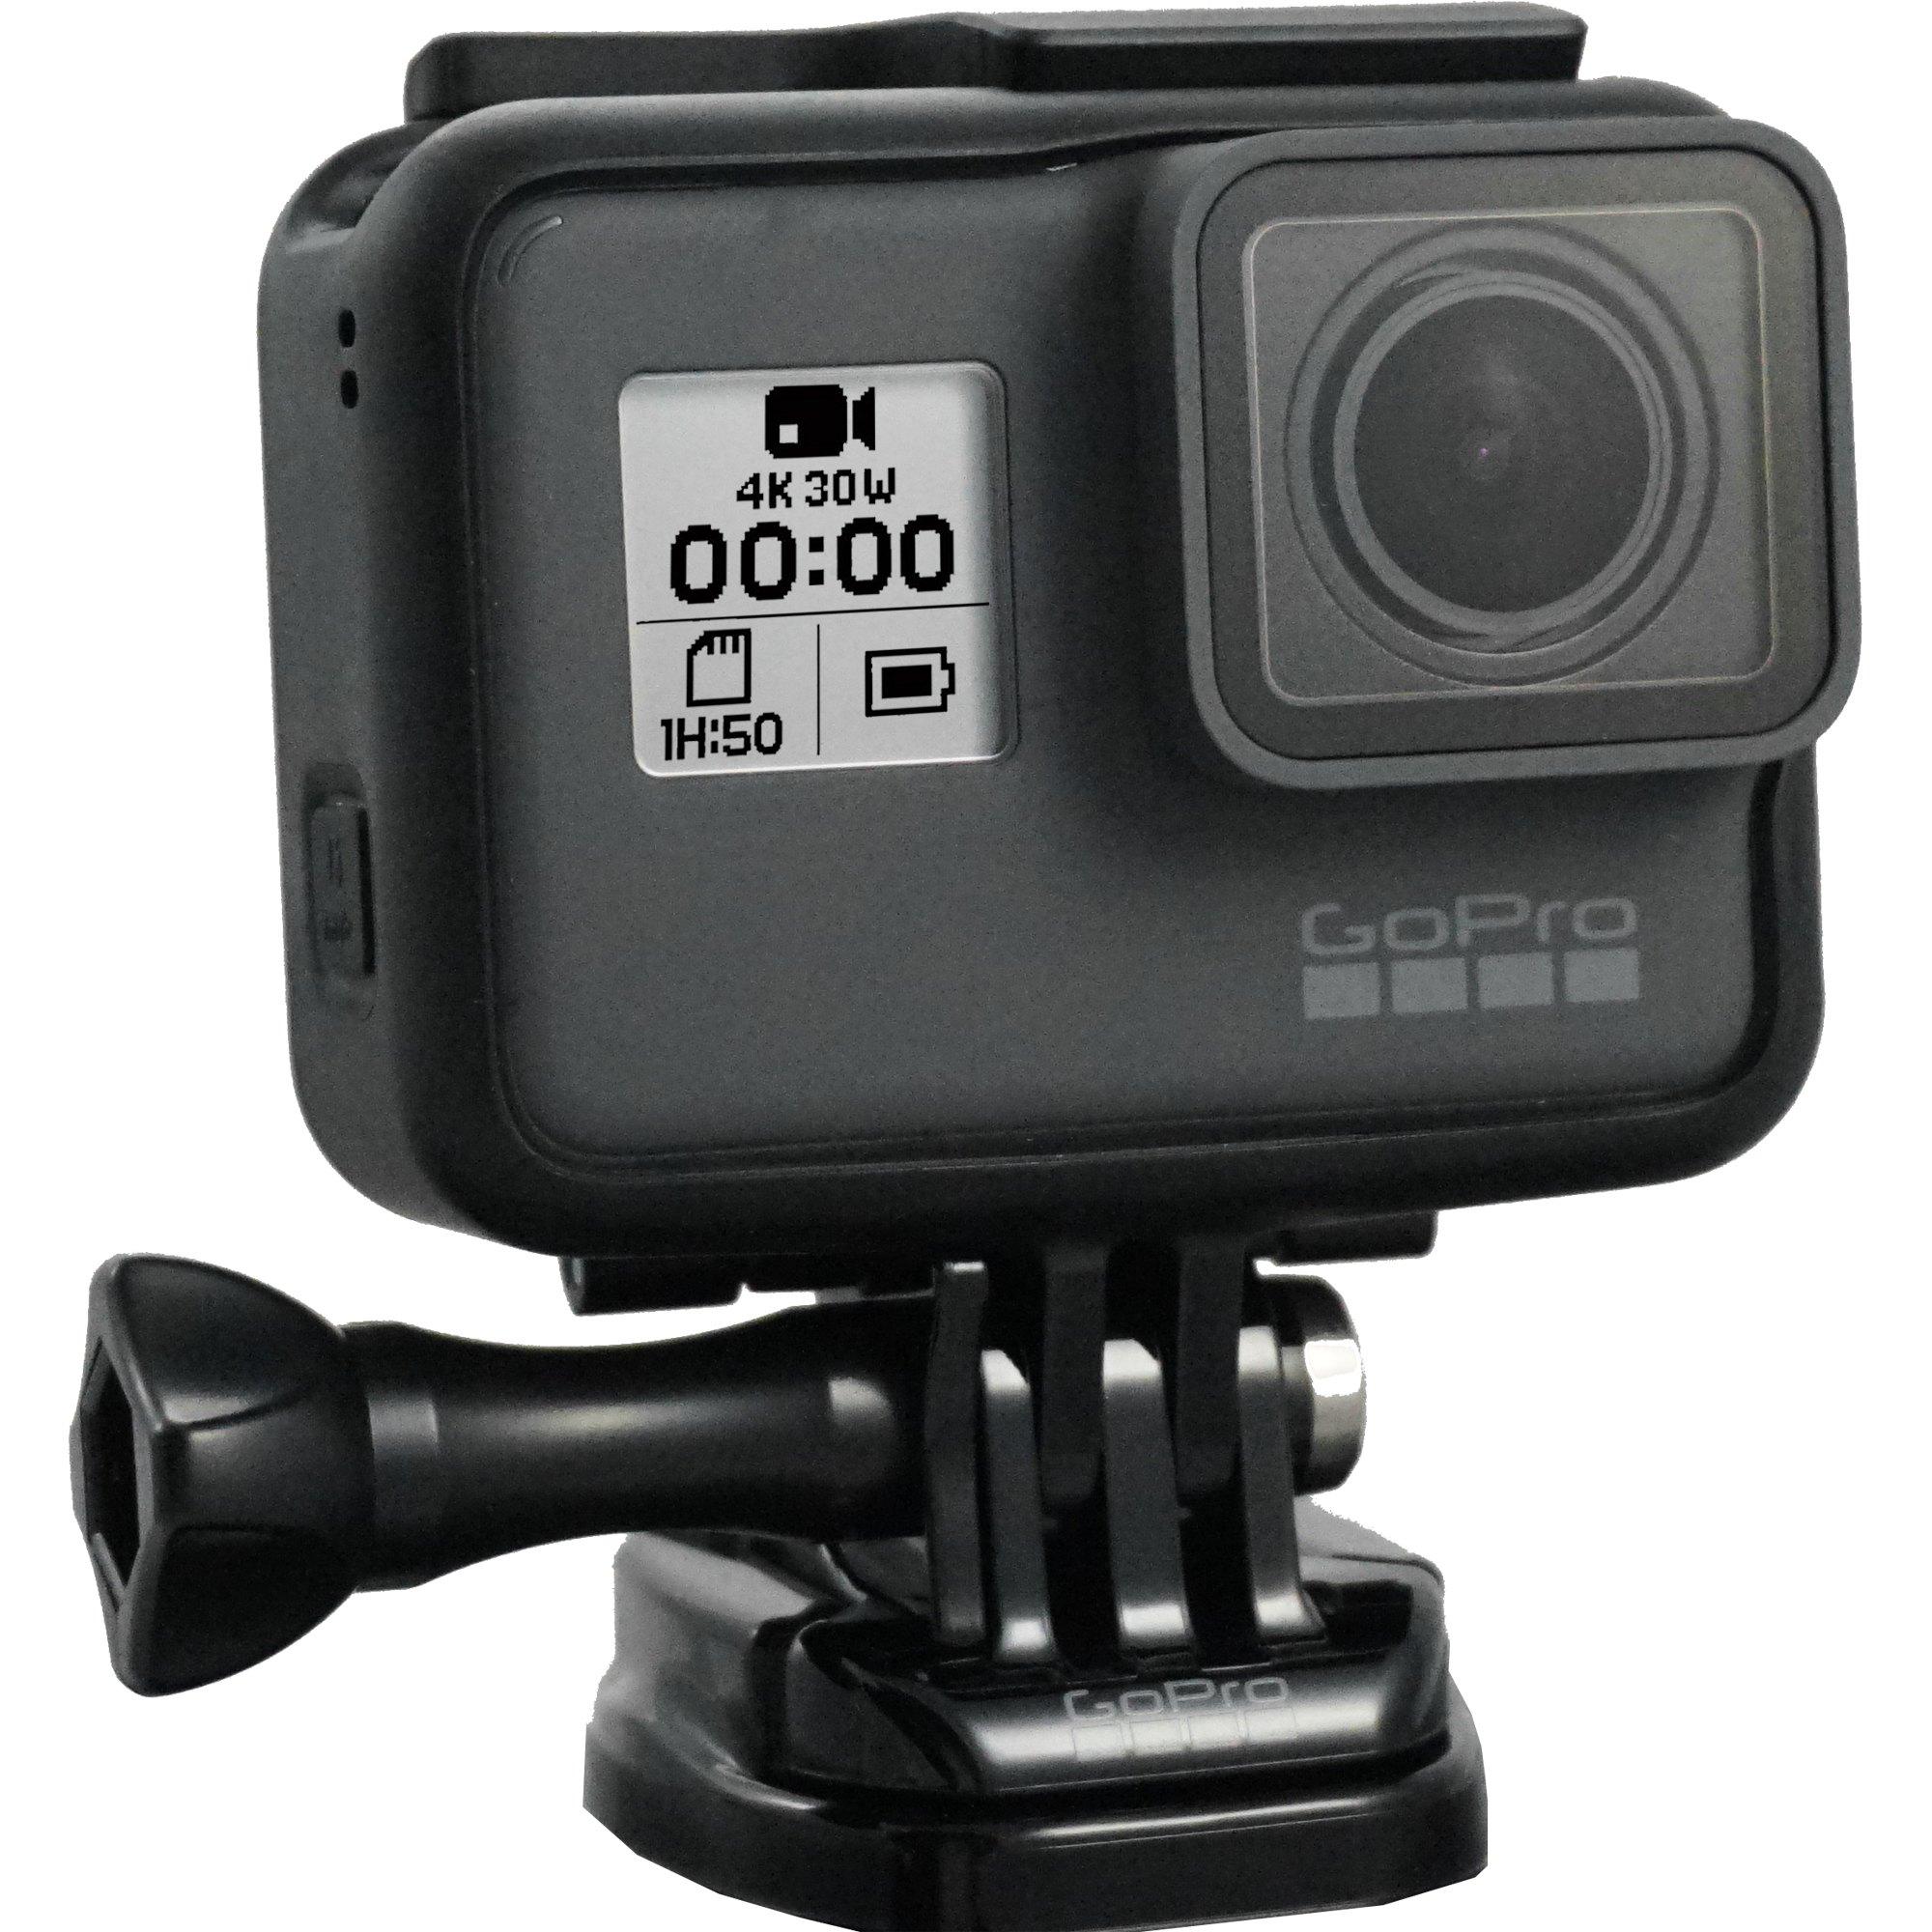 GoPro Hero5 Black 4K Action Camera (Black) $229.46 + Free Shipping